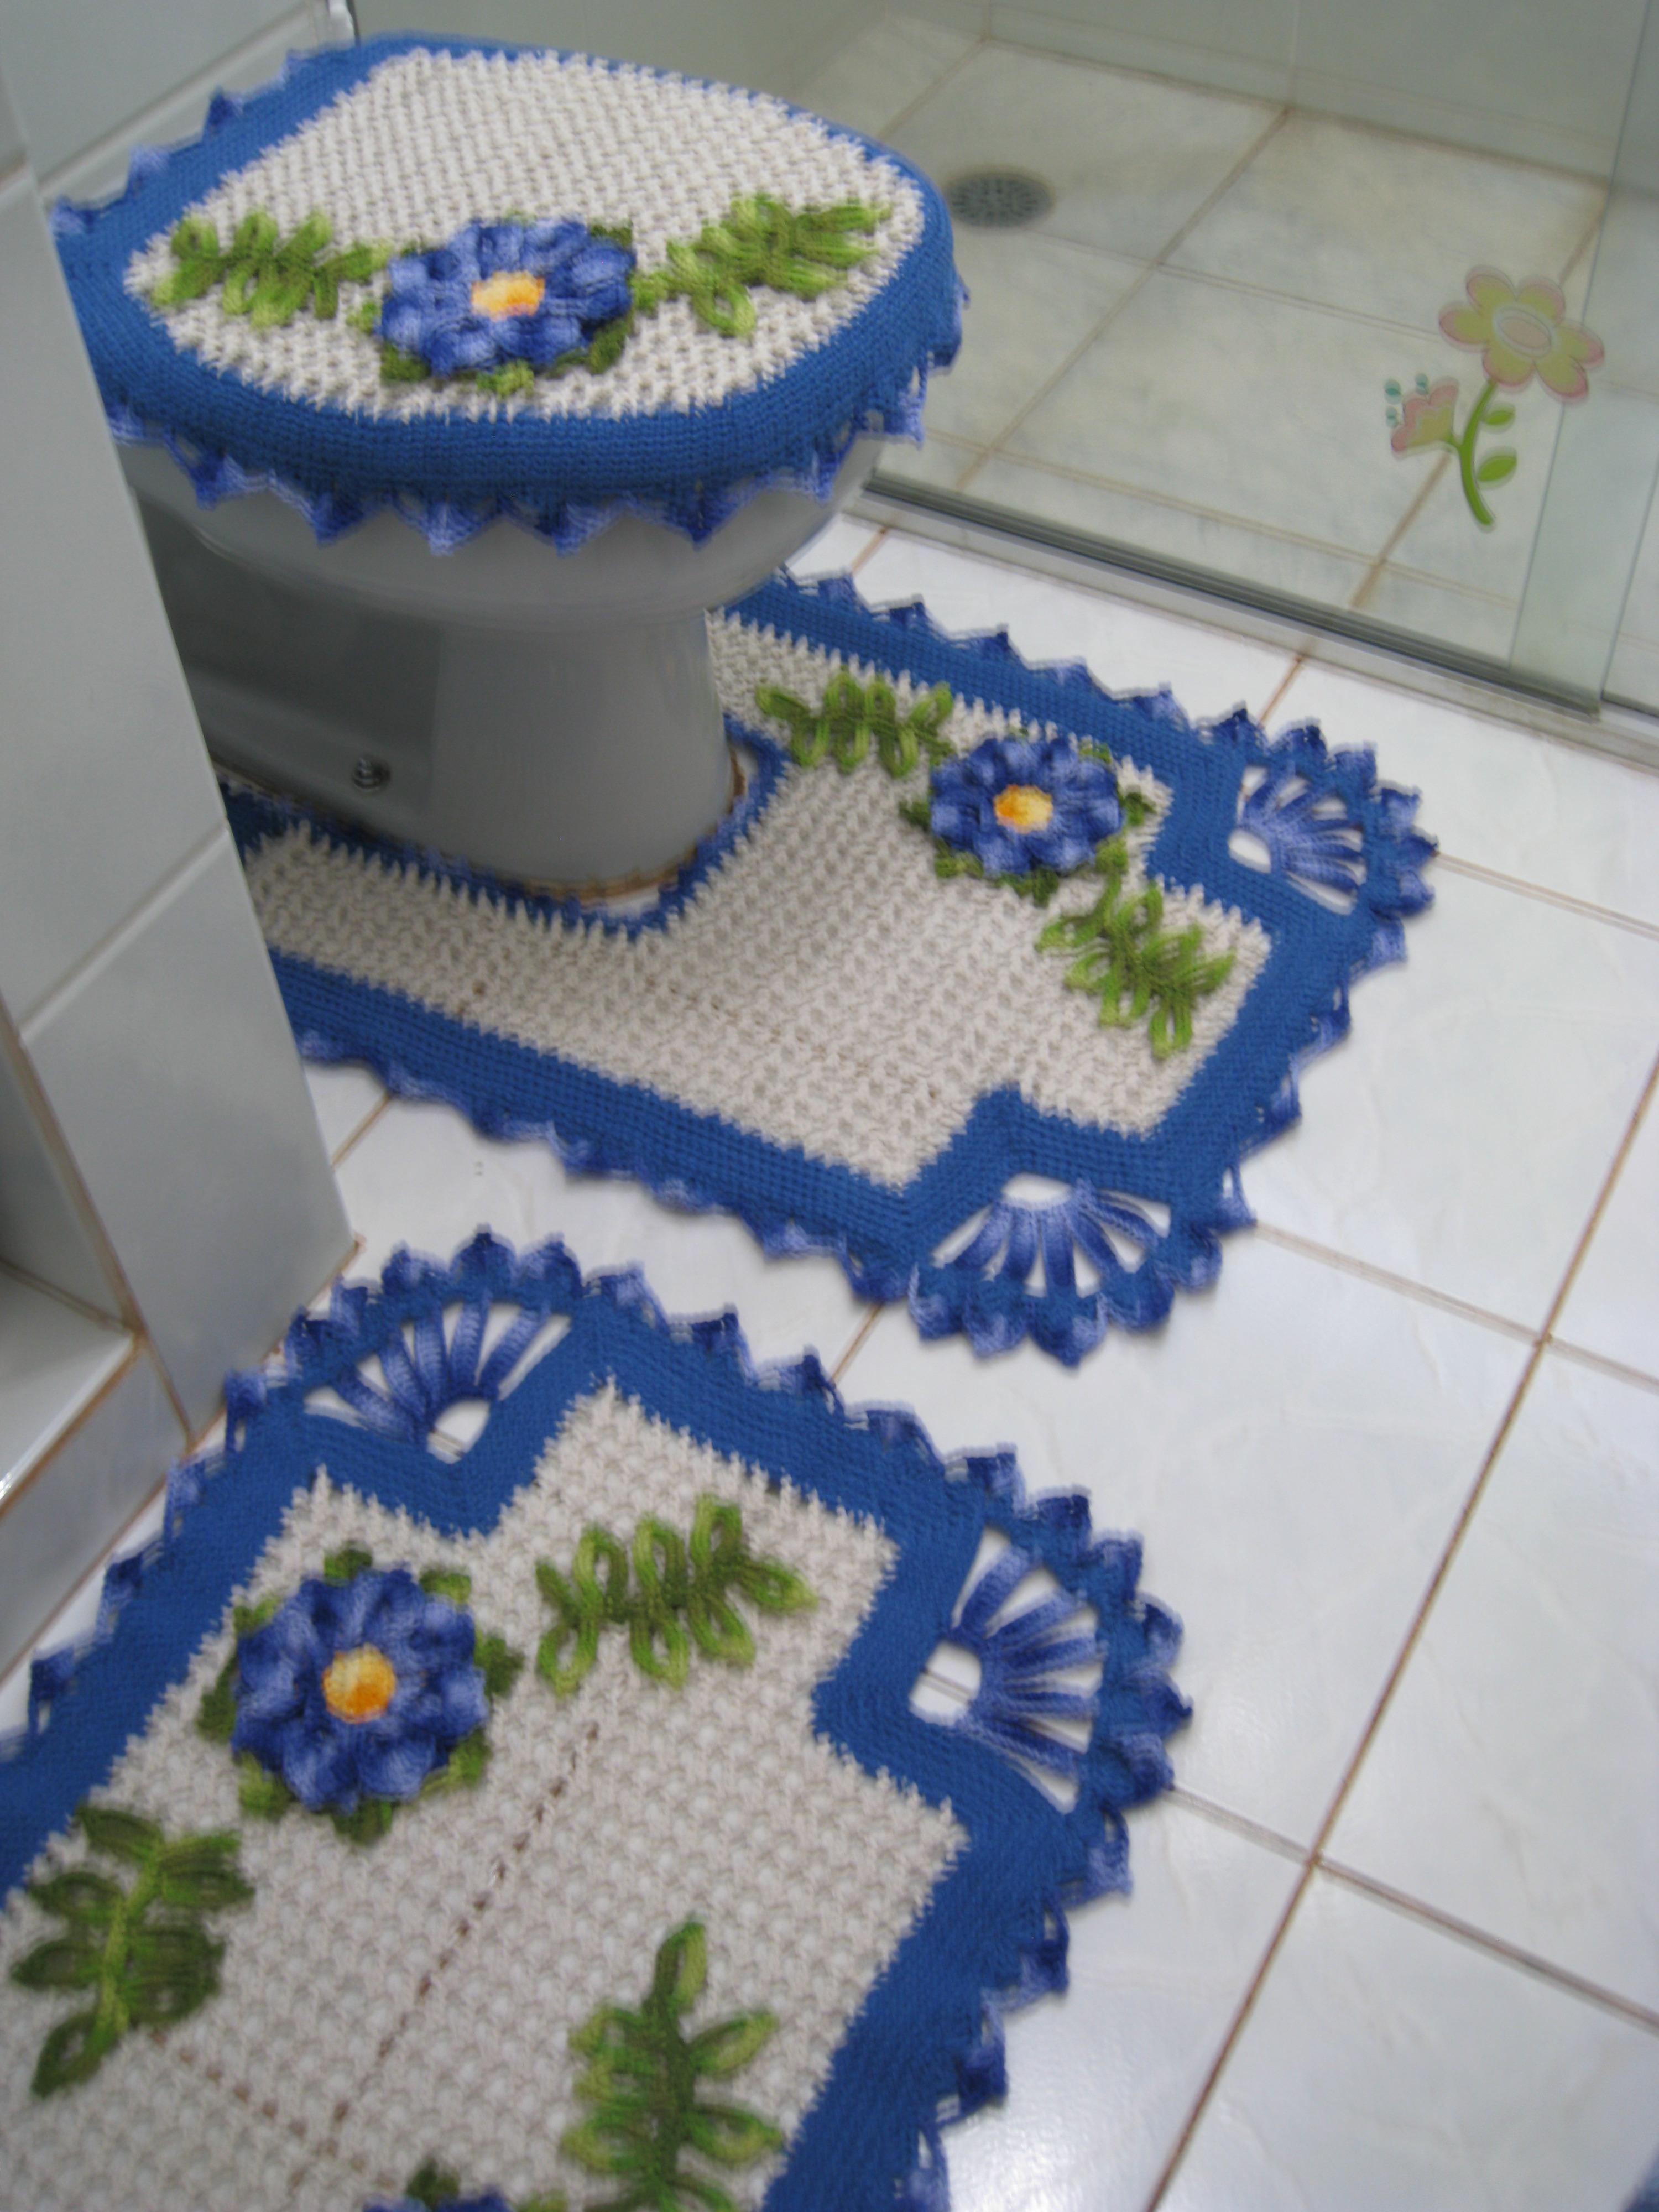 de banheiro jardim encantado jogo de banheiro jardim encantado jogo de  #274177 3000x4000 Banheiro De Jardim